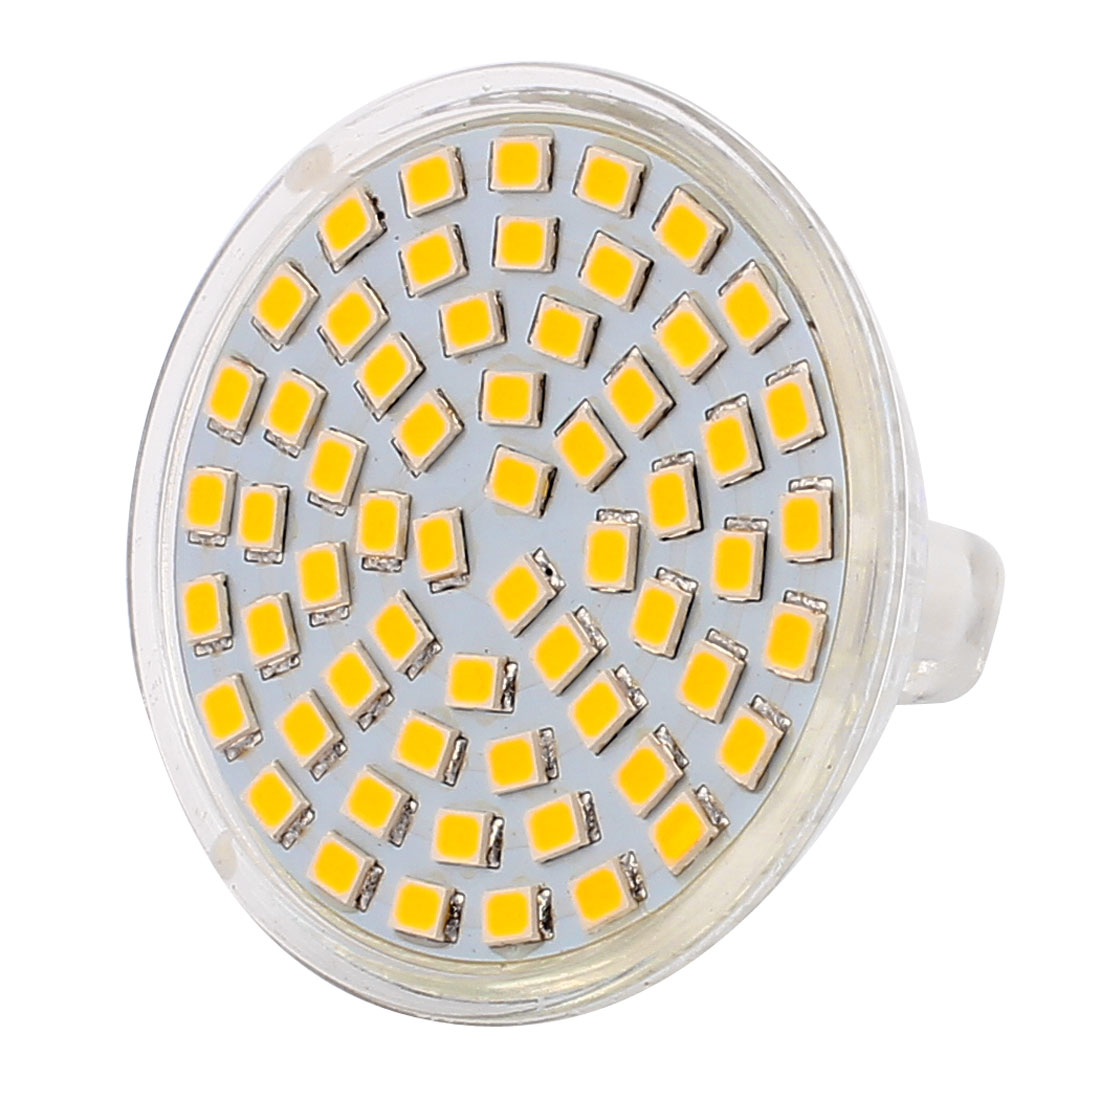 220V 6W MR16 2835 SMD 60 LEDs LED Light Spotlight Down Lamp Lighting Warm White